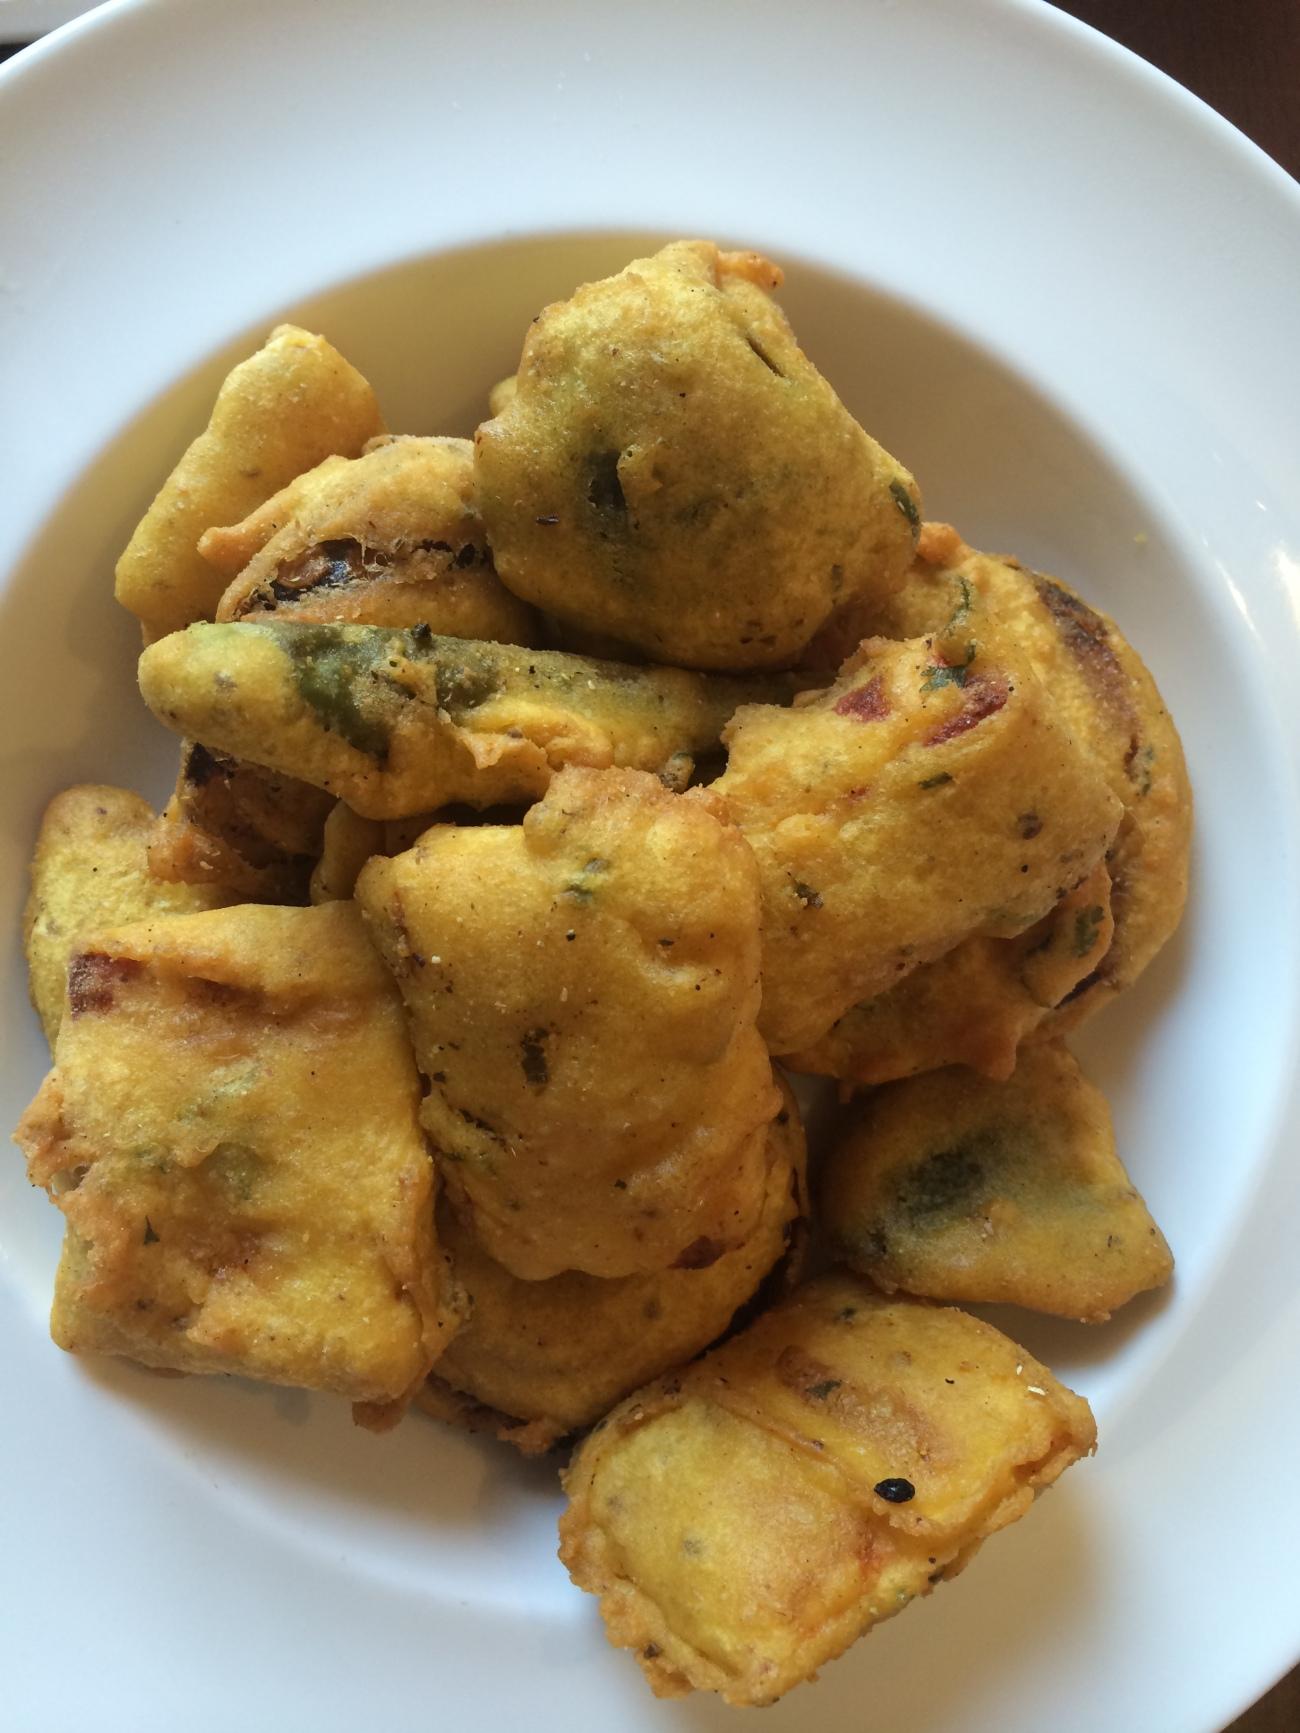 Paneer and dear. Pakoras featuring deep fried paneer